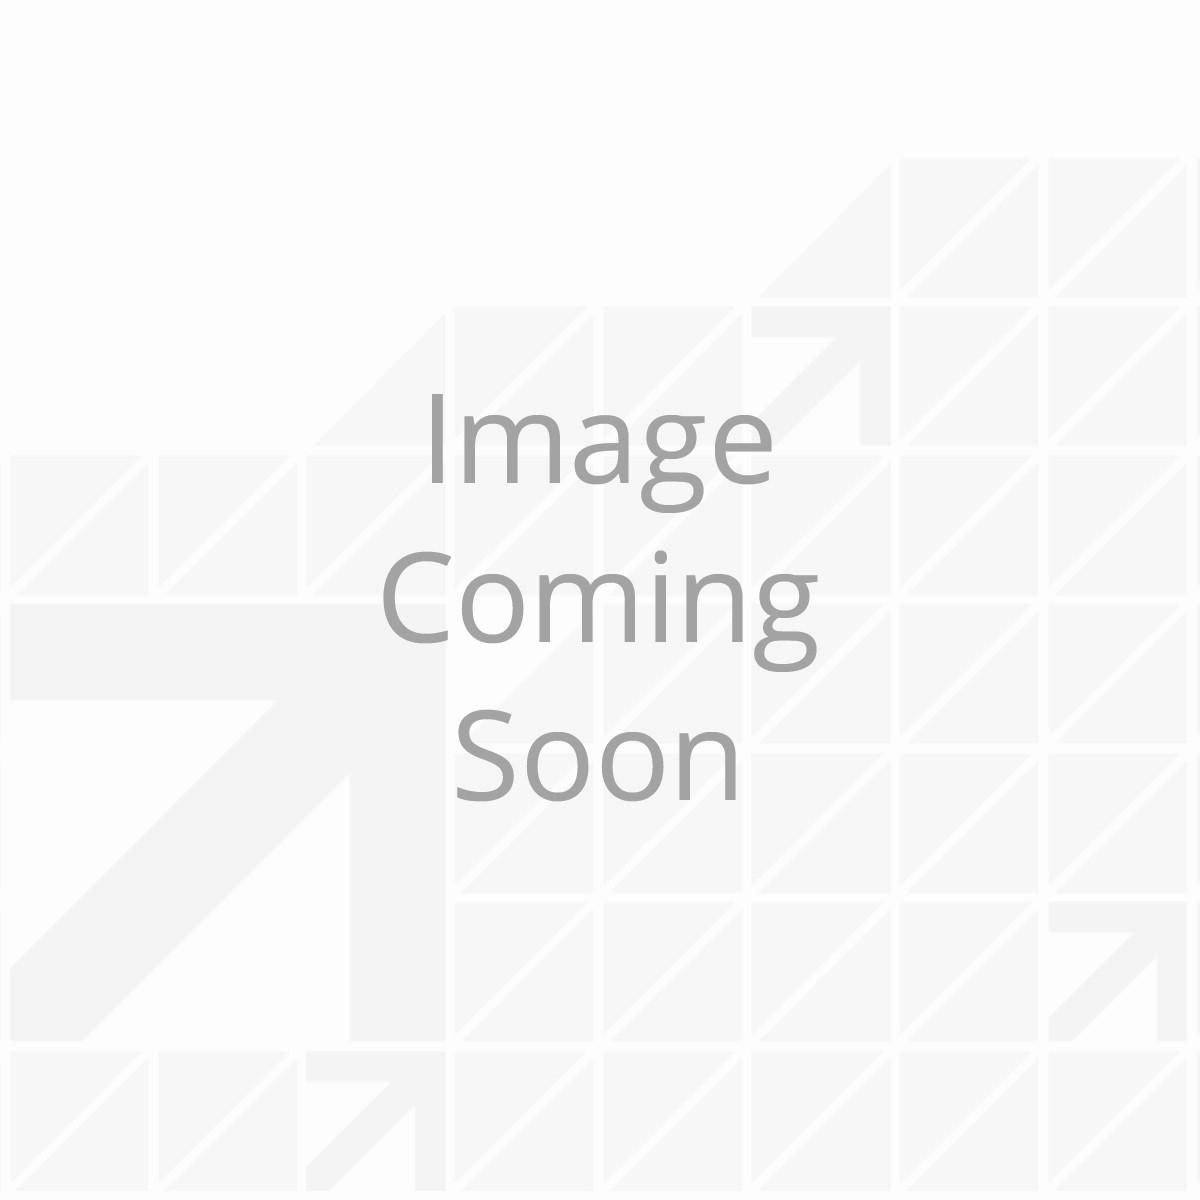 298276_-_4-7k_brake_assy_-_001_1_1